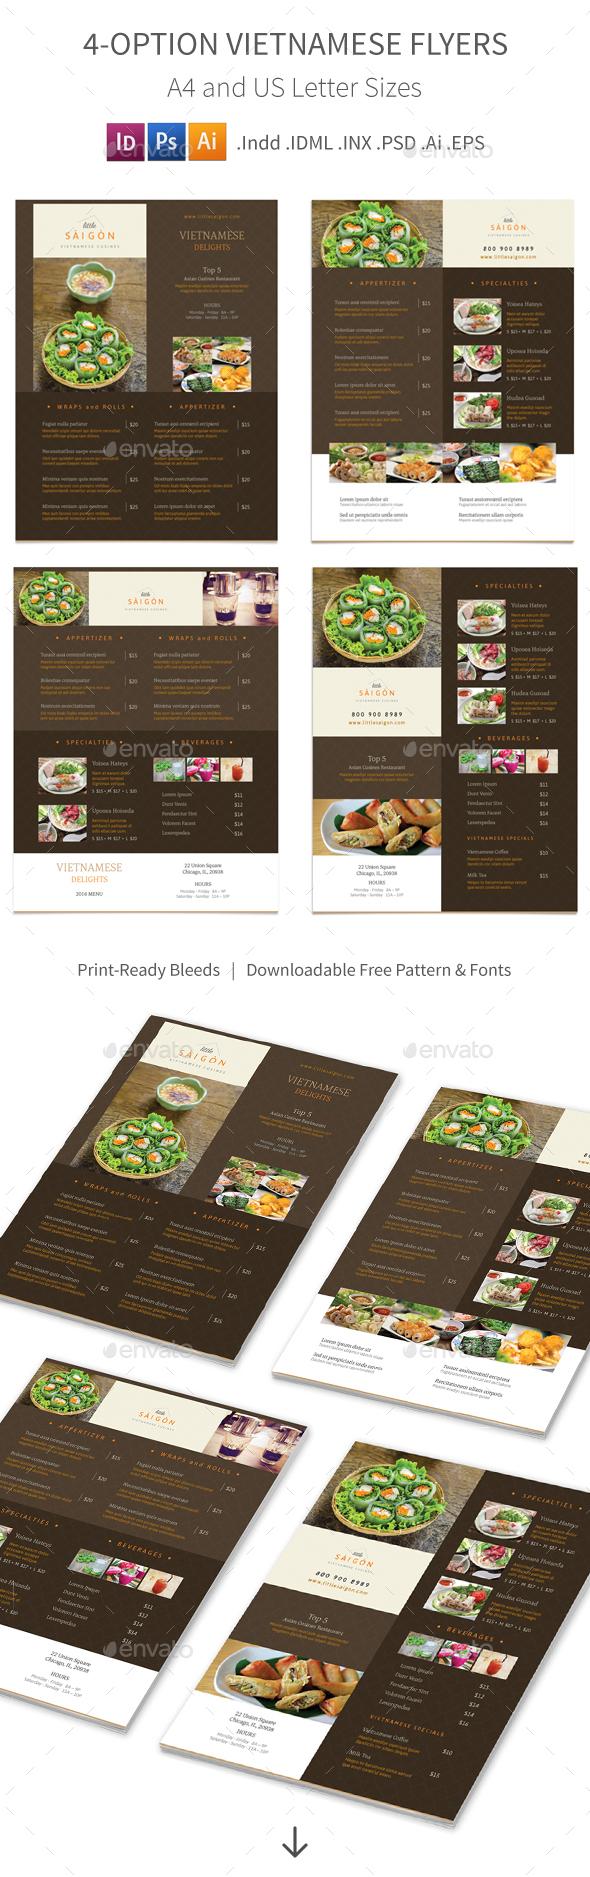 Vietnamese Restaurant Menu Flyers 2 – 4 Options - Food Menus Print Templates